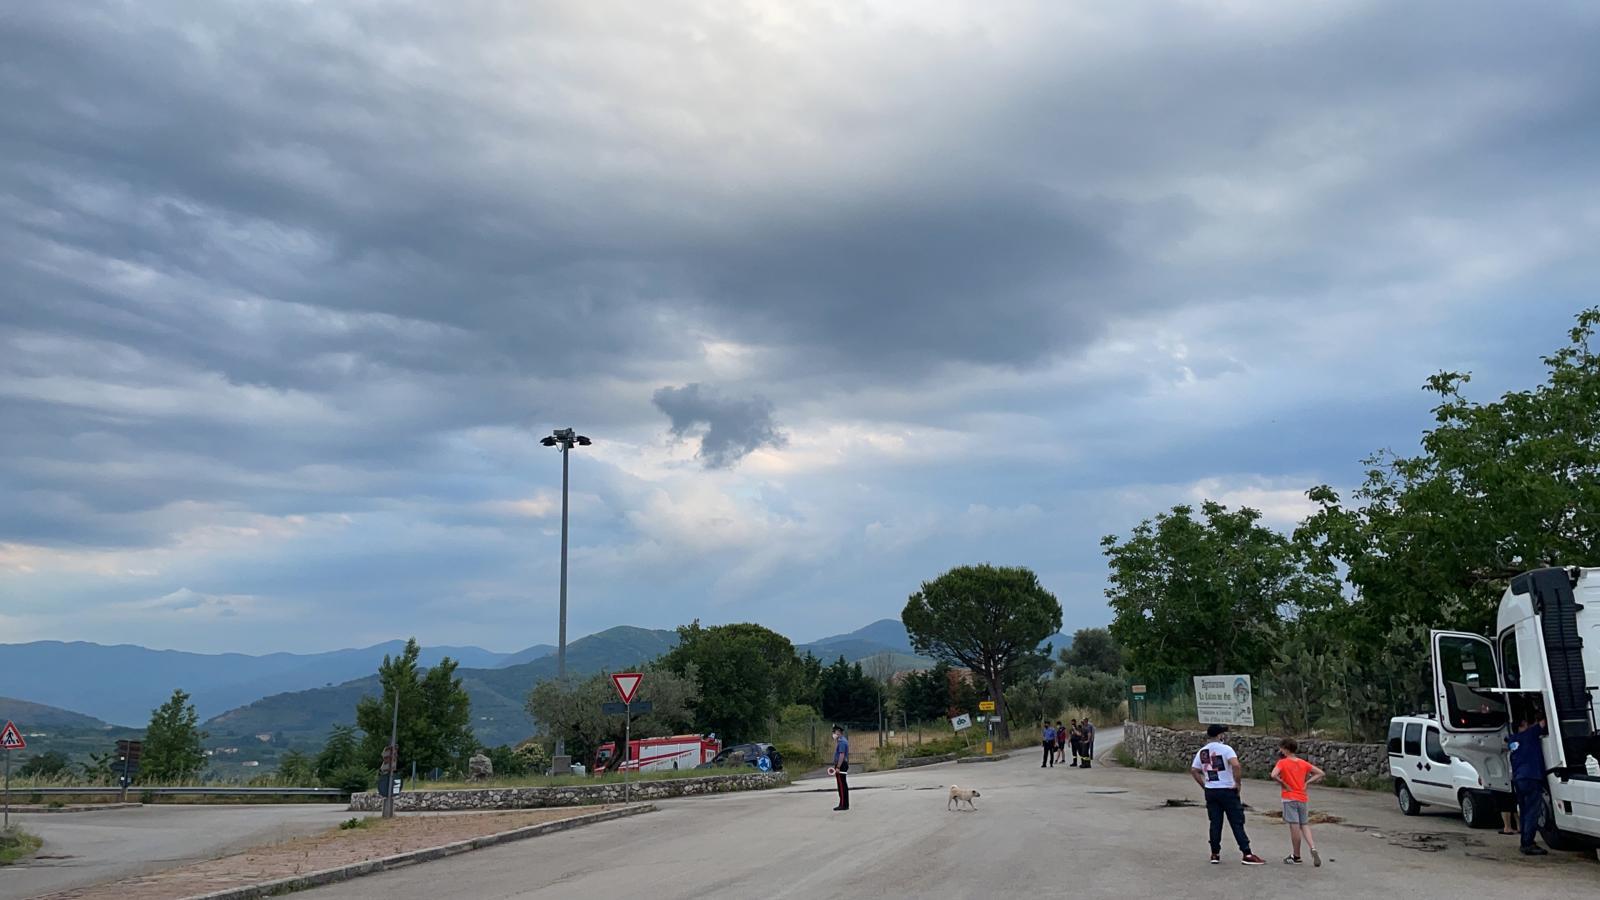 Dieci quintali di gasolio sull'asfalto, caos a Sant'Agata de' Goti